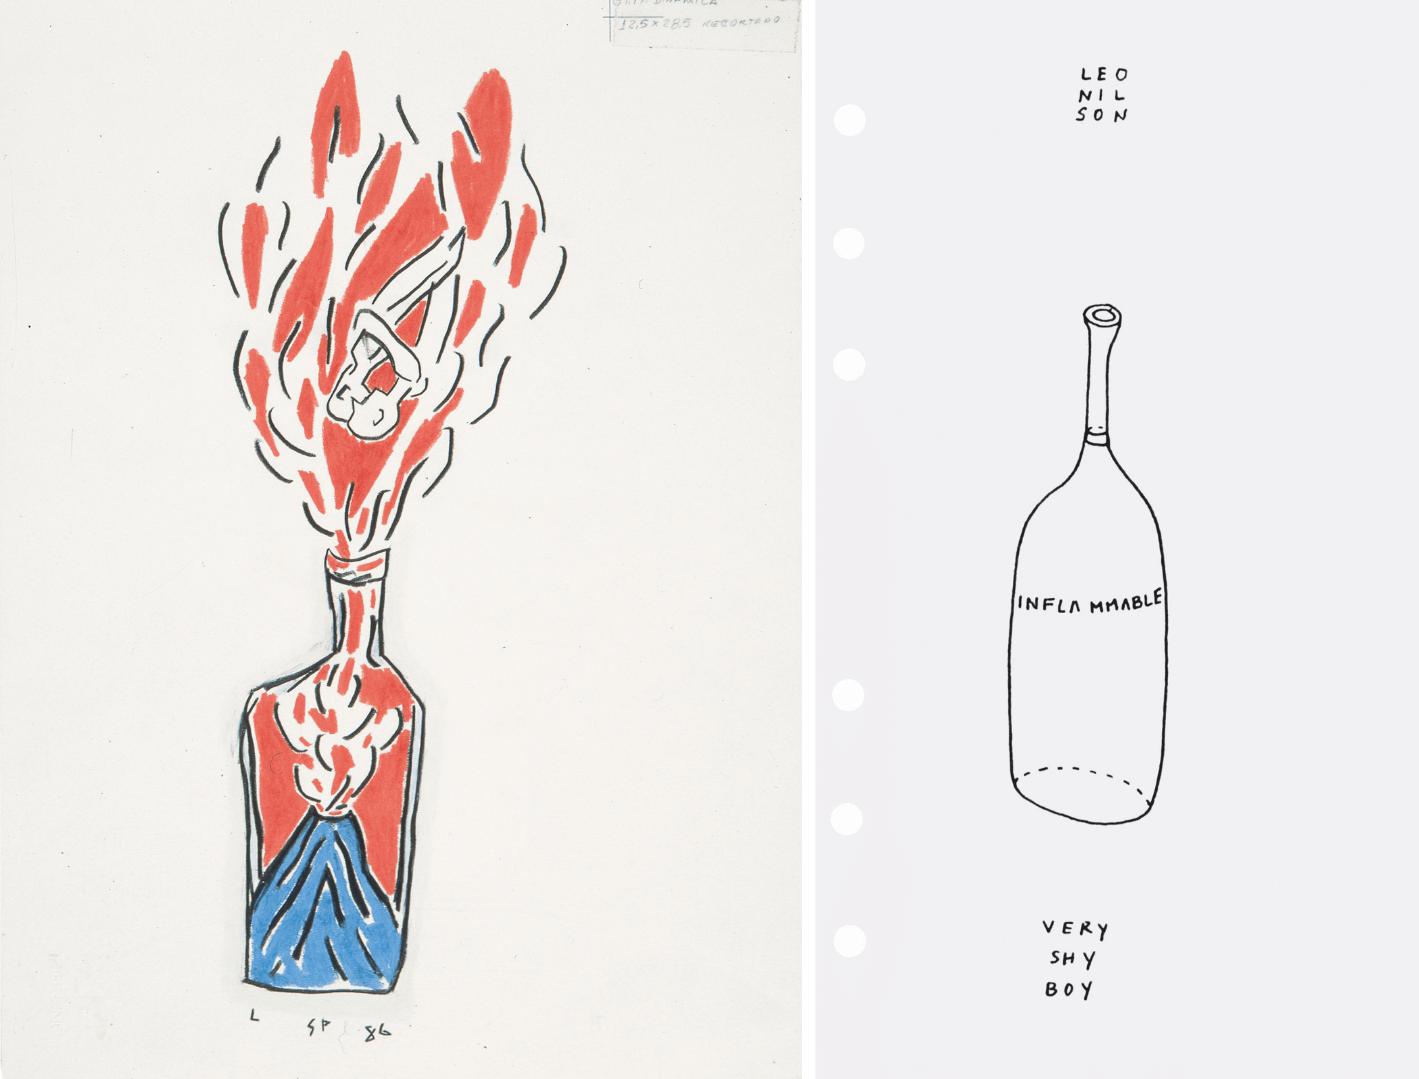 Links: Filzstift-Zeichnung von Leonilson, zu sehen ist eine Flasche, in der gerade ein Vulkan ausbricht, aus der Flasche tritt eine große Flamme heraus, in der Flamme sieht man ein eng umschlungenes Paar, die sich kopfüber in Richtung Flaschenhals bewegen, rechts: Filzstift-Zeichnung von Leonilson, zu sehen ist eine leere Flasche, aus der Inflammable steht, darüber steht Leonilson, darunter die Worte very shy boy